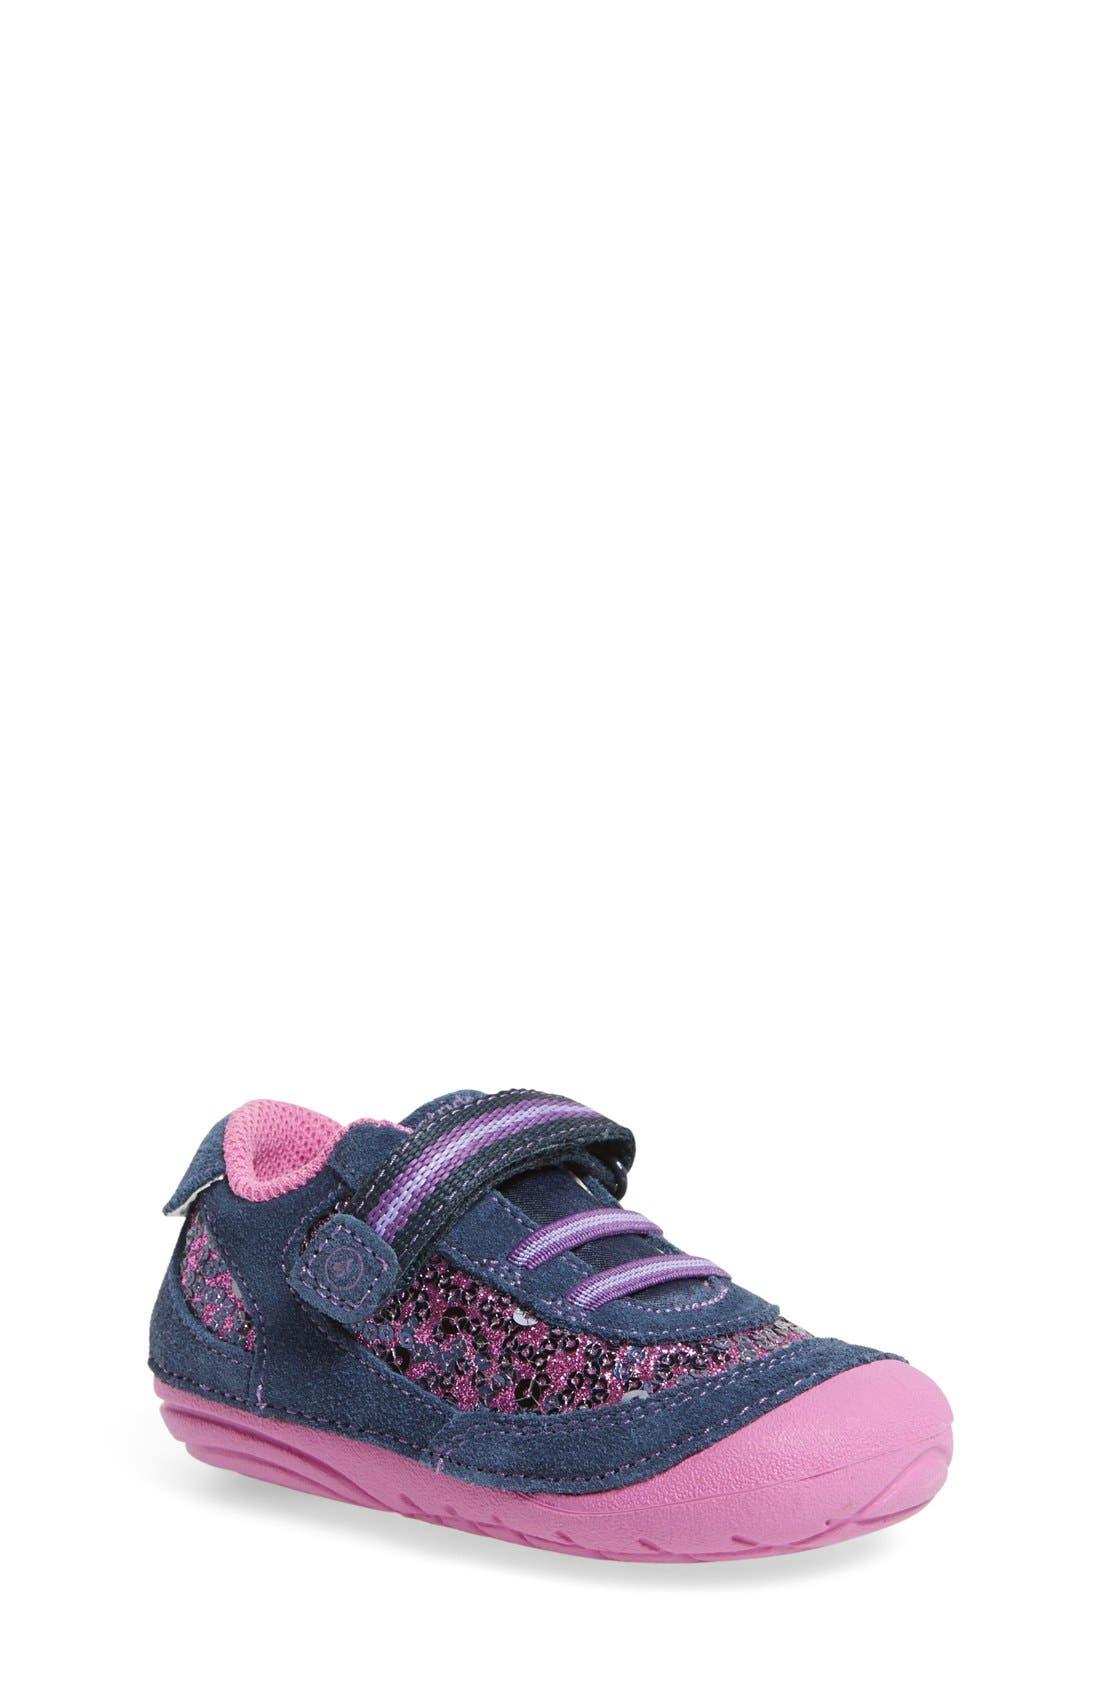 Stride Rite SM Jazzy Shoe Baby & Walker